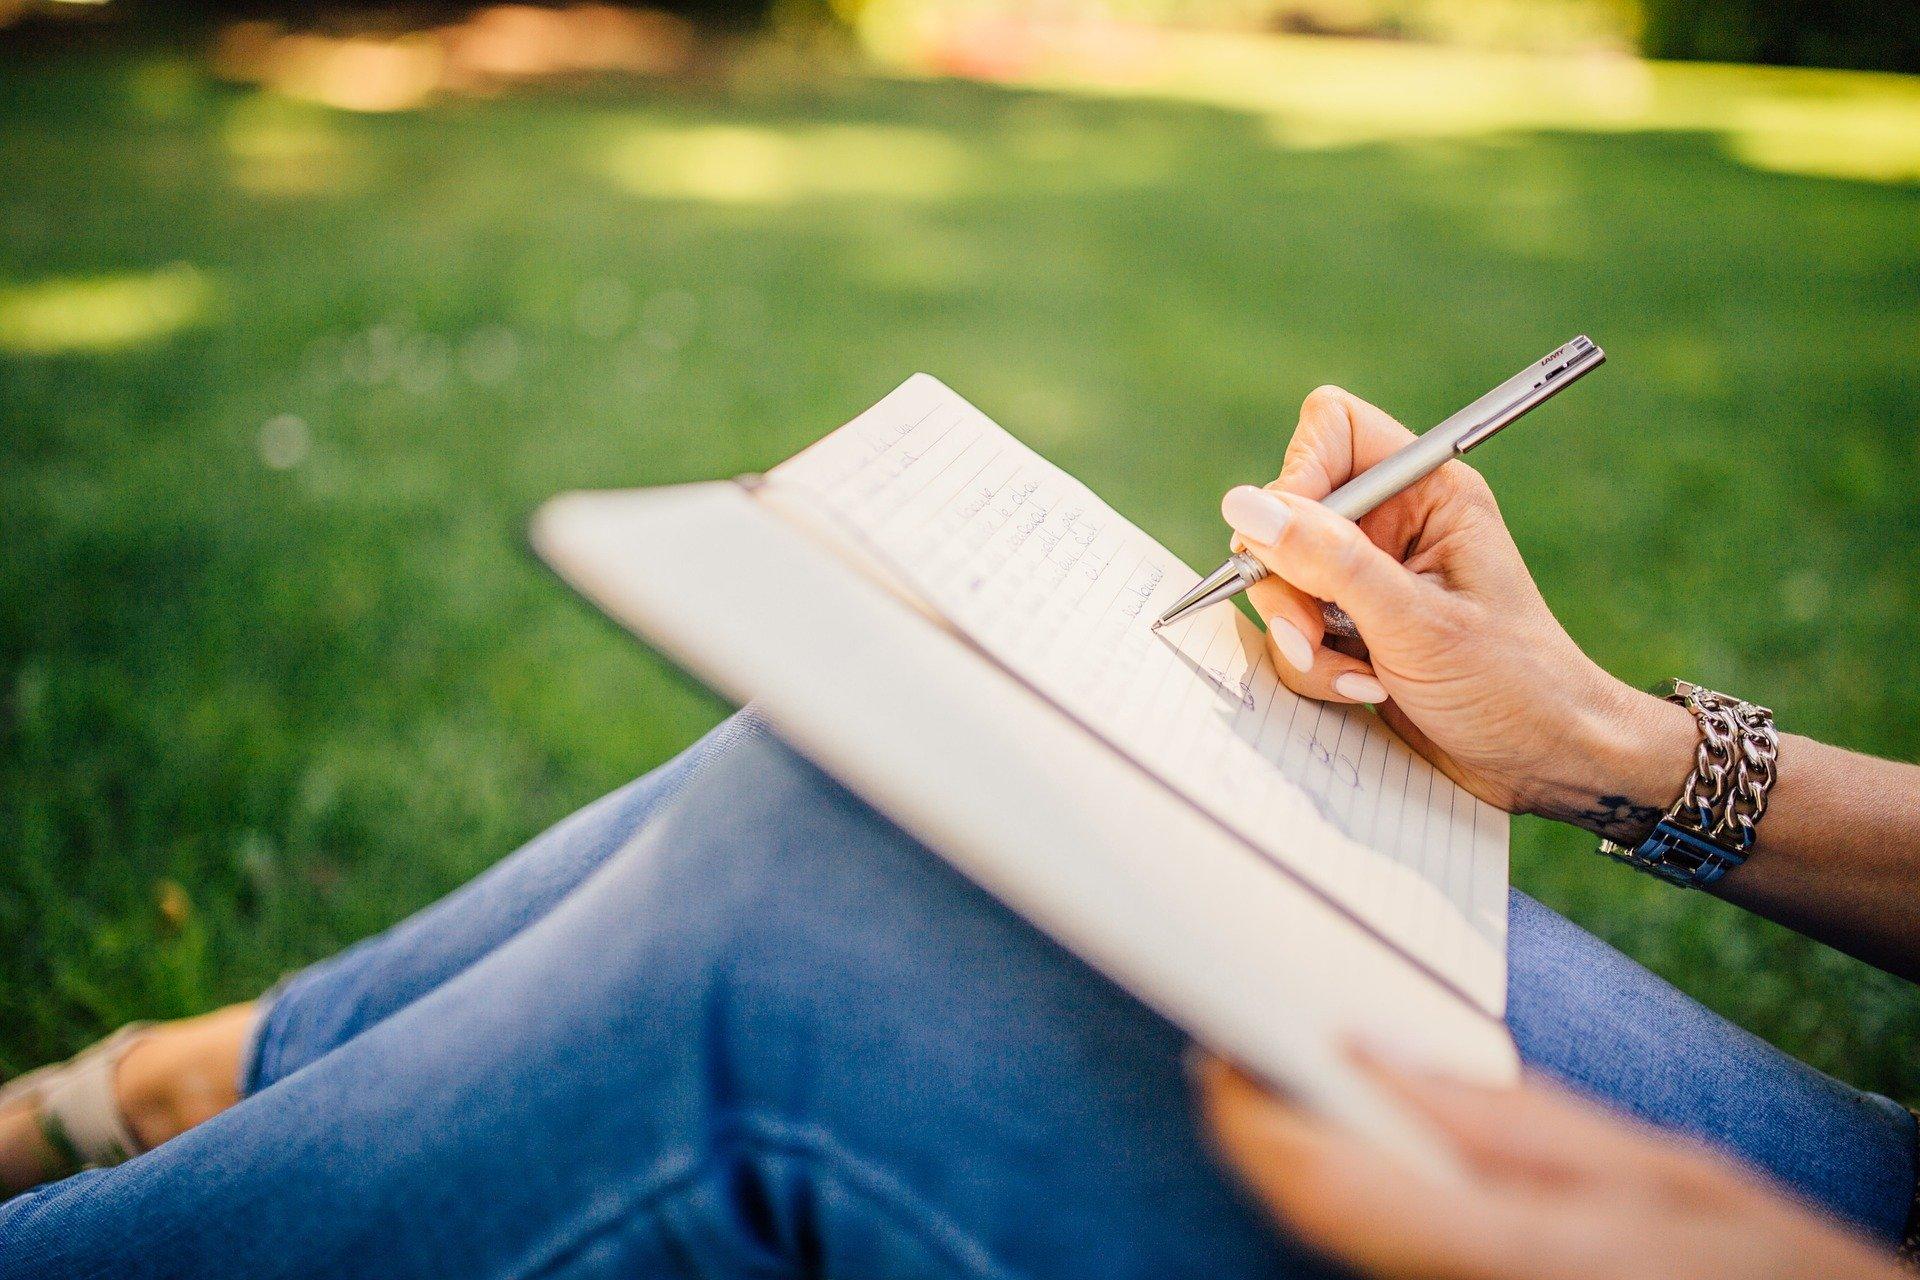 Pani siedząca na trawie pisze coś długopisem w notatniku. Image by StockSnap from Pixabay